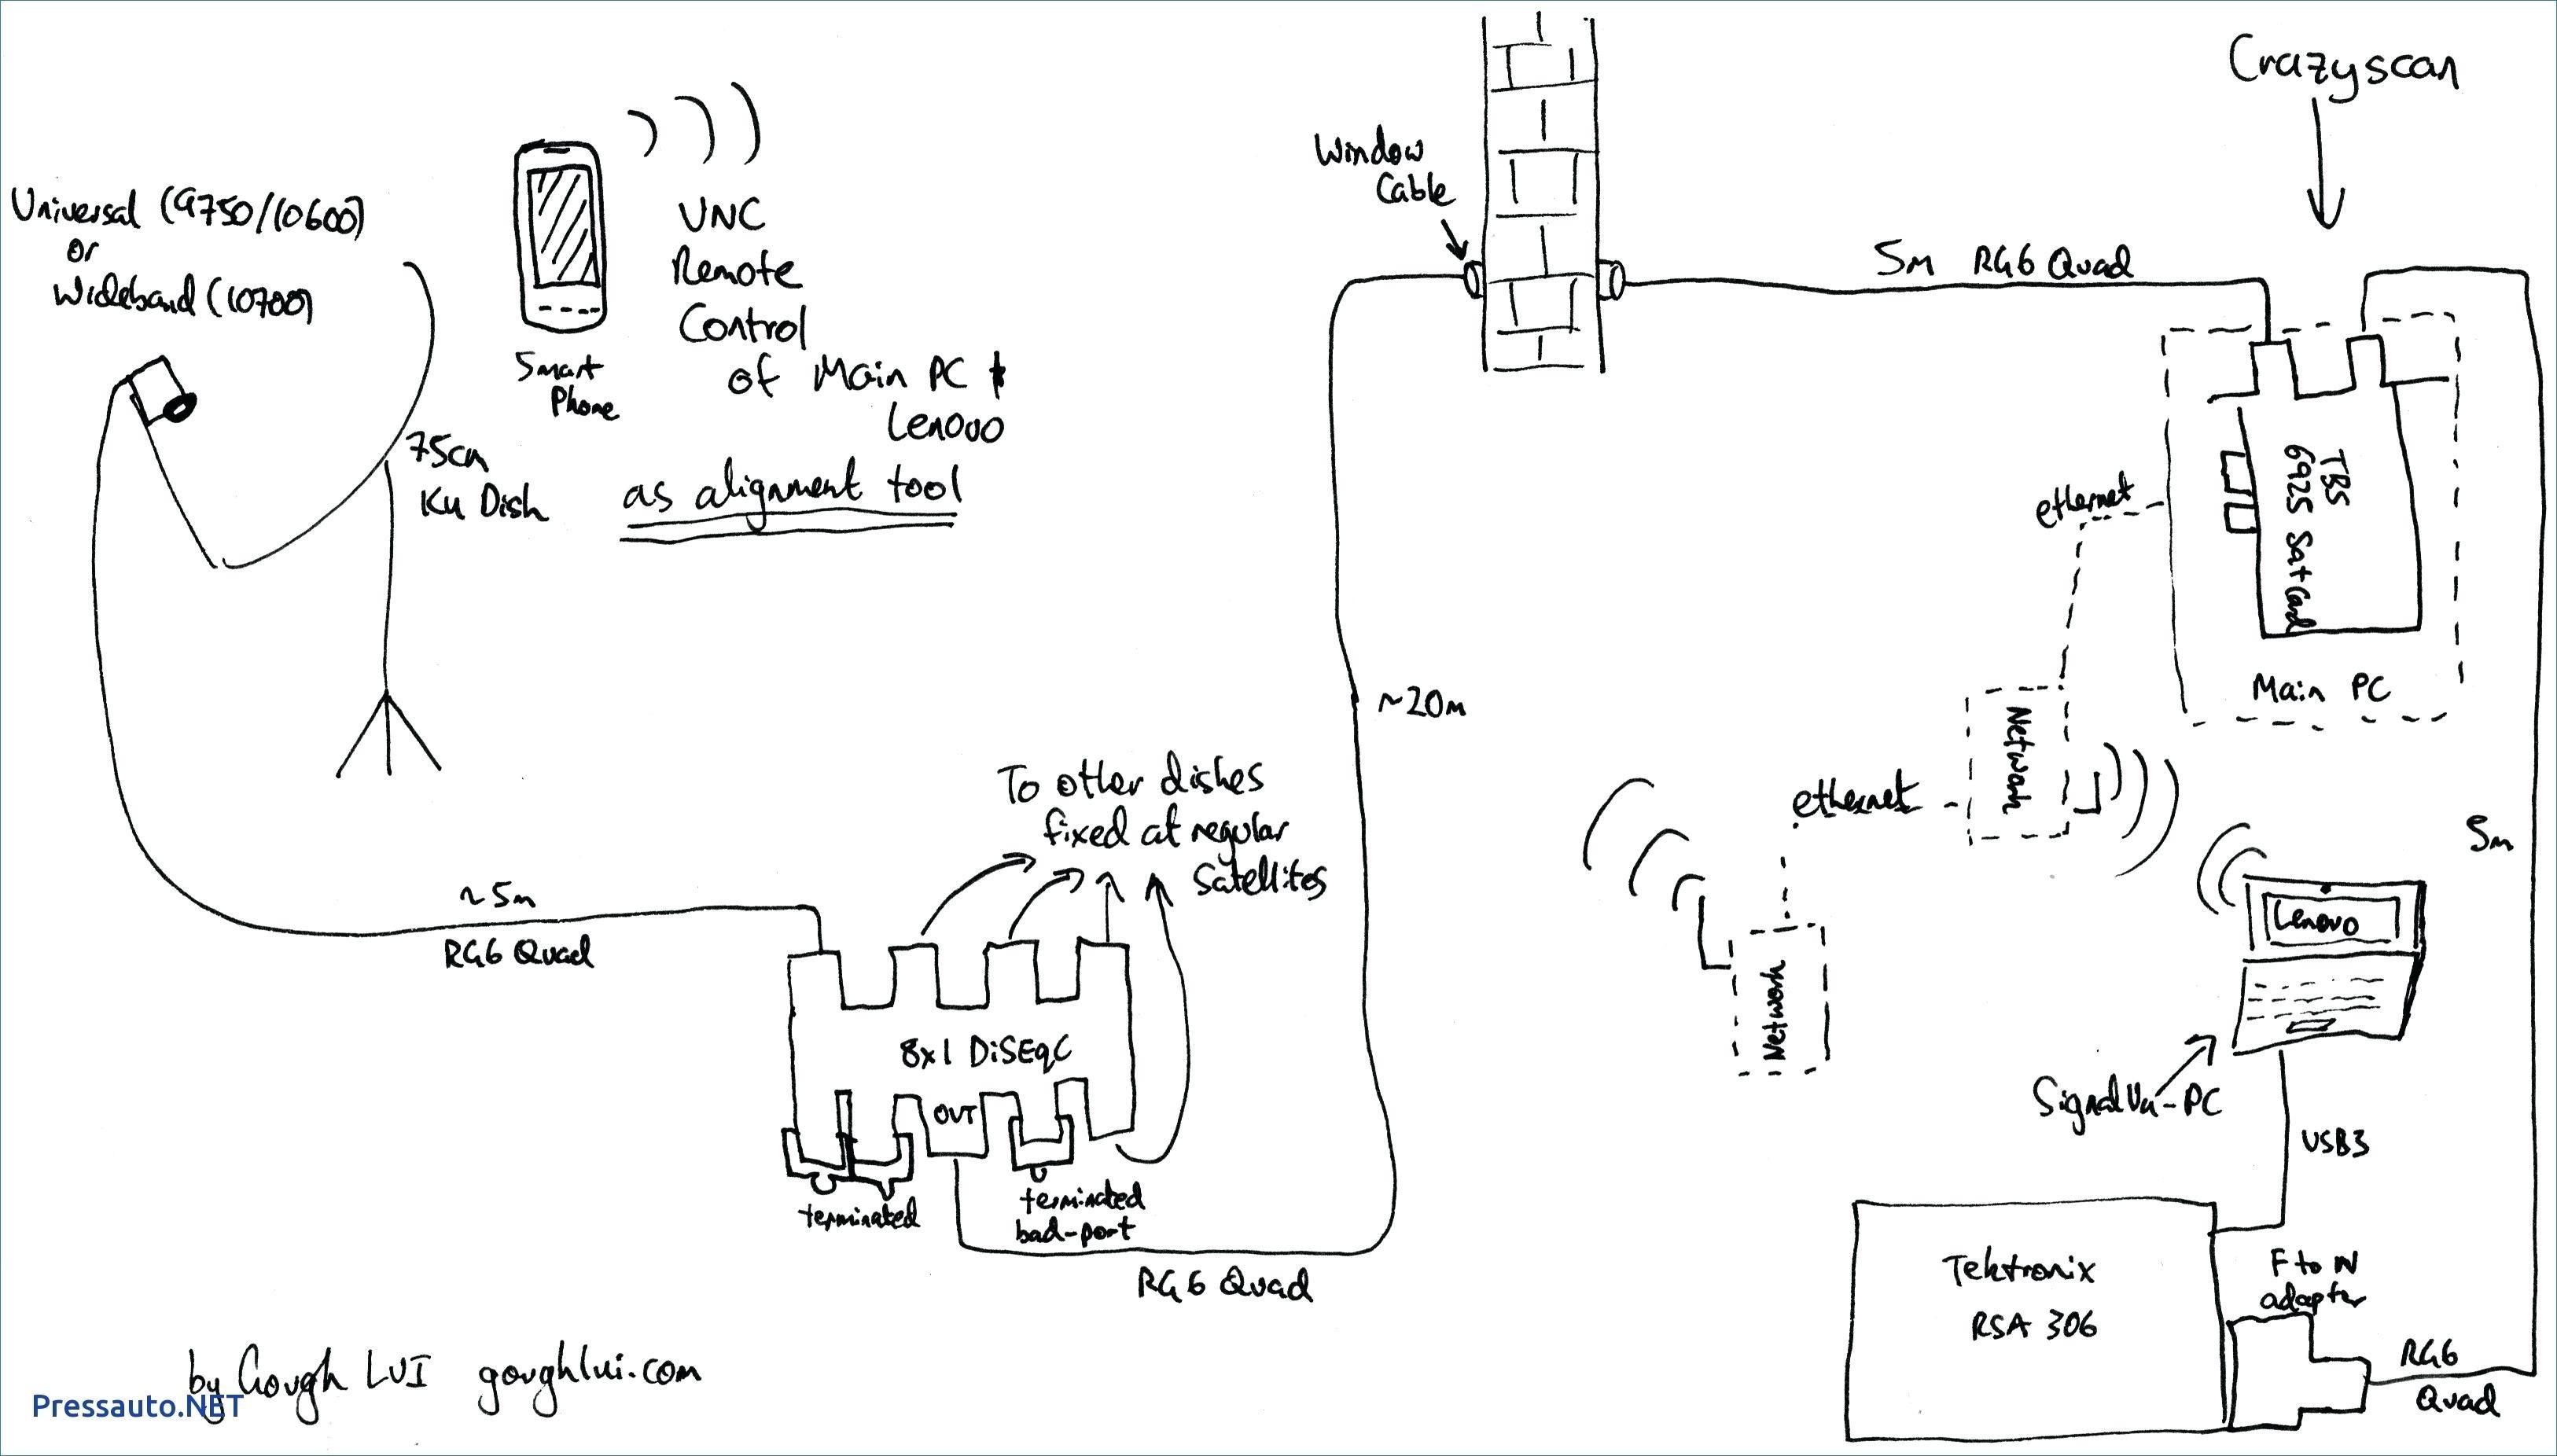 Genie S60 Wiring Diagram Data Lift 4k Wiki Wallpapers 2018 Rh Imagecloud Us Garage Door Sensor